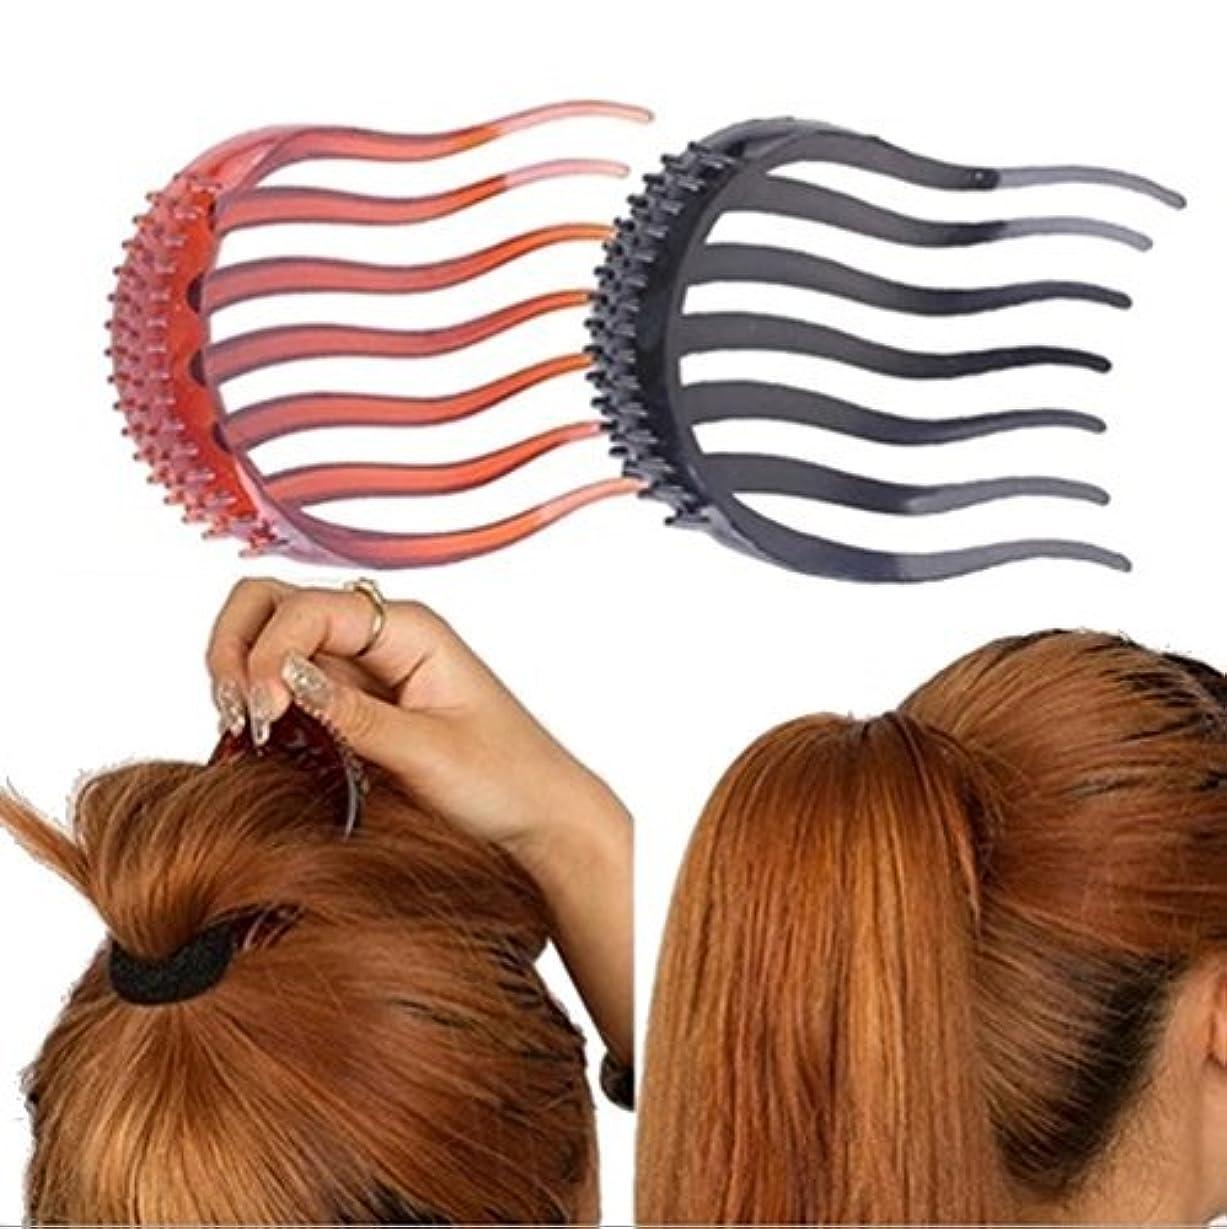 週間タッチクアッガ2Pcs Ponytail Bump it UP Hair Styling Insert Comb Fluffy Hair Comb (1Black+1Coffee) [並行輸入品]